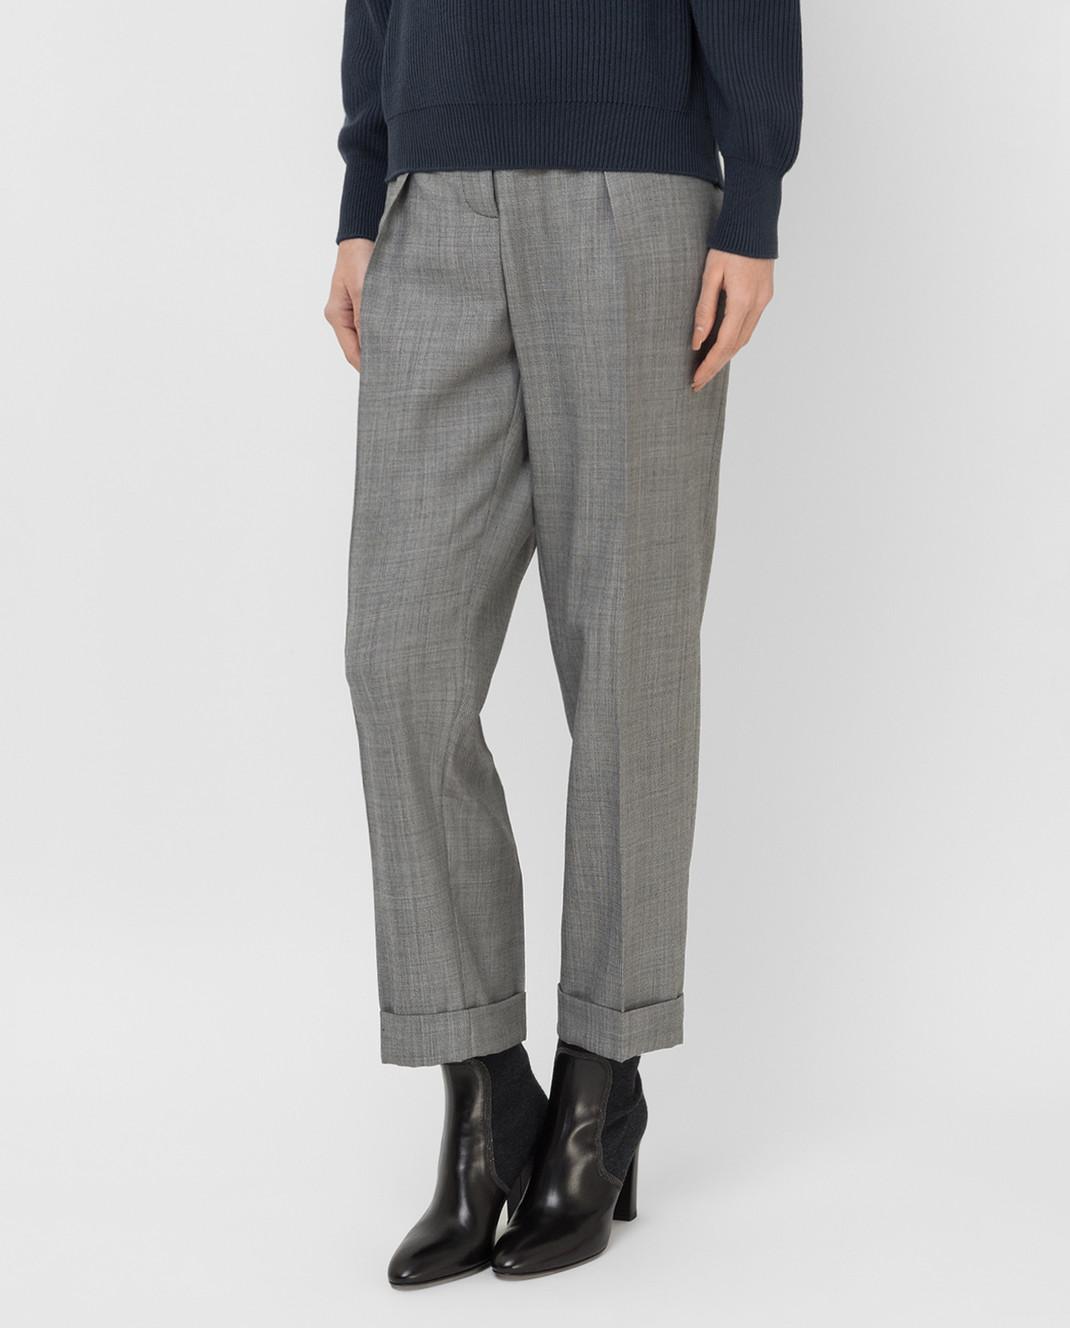 Victoria Beckham Серые брюки из шерсти TRTPR2600B изображение 3